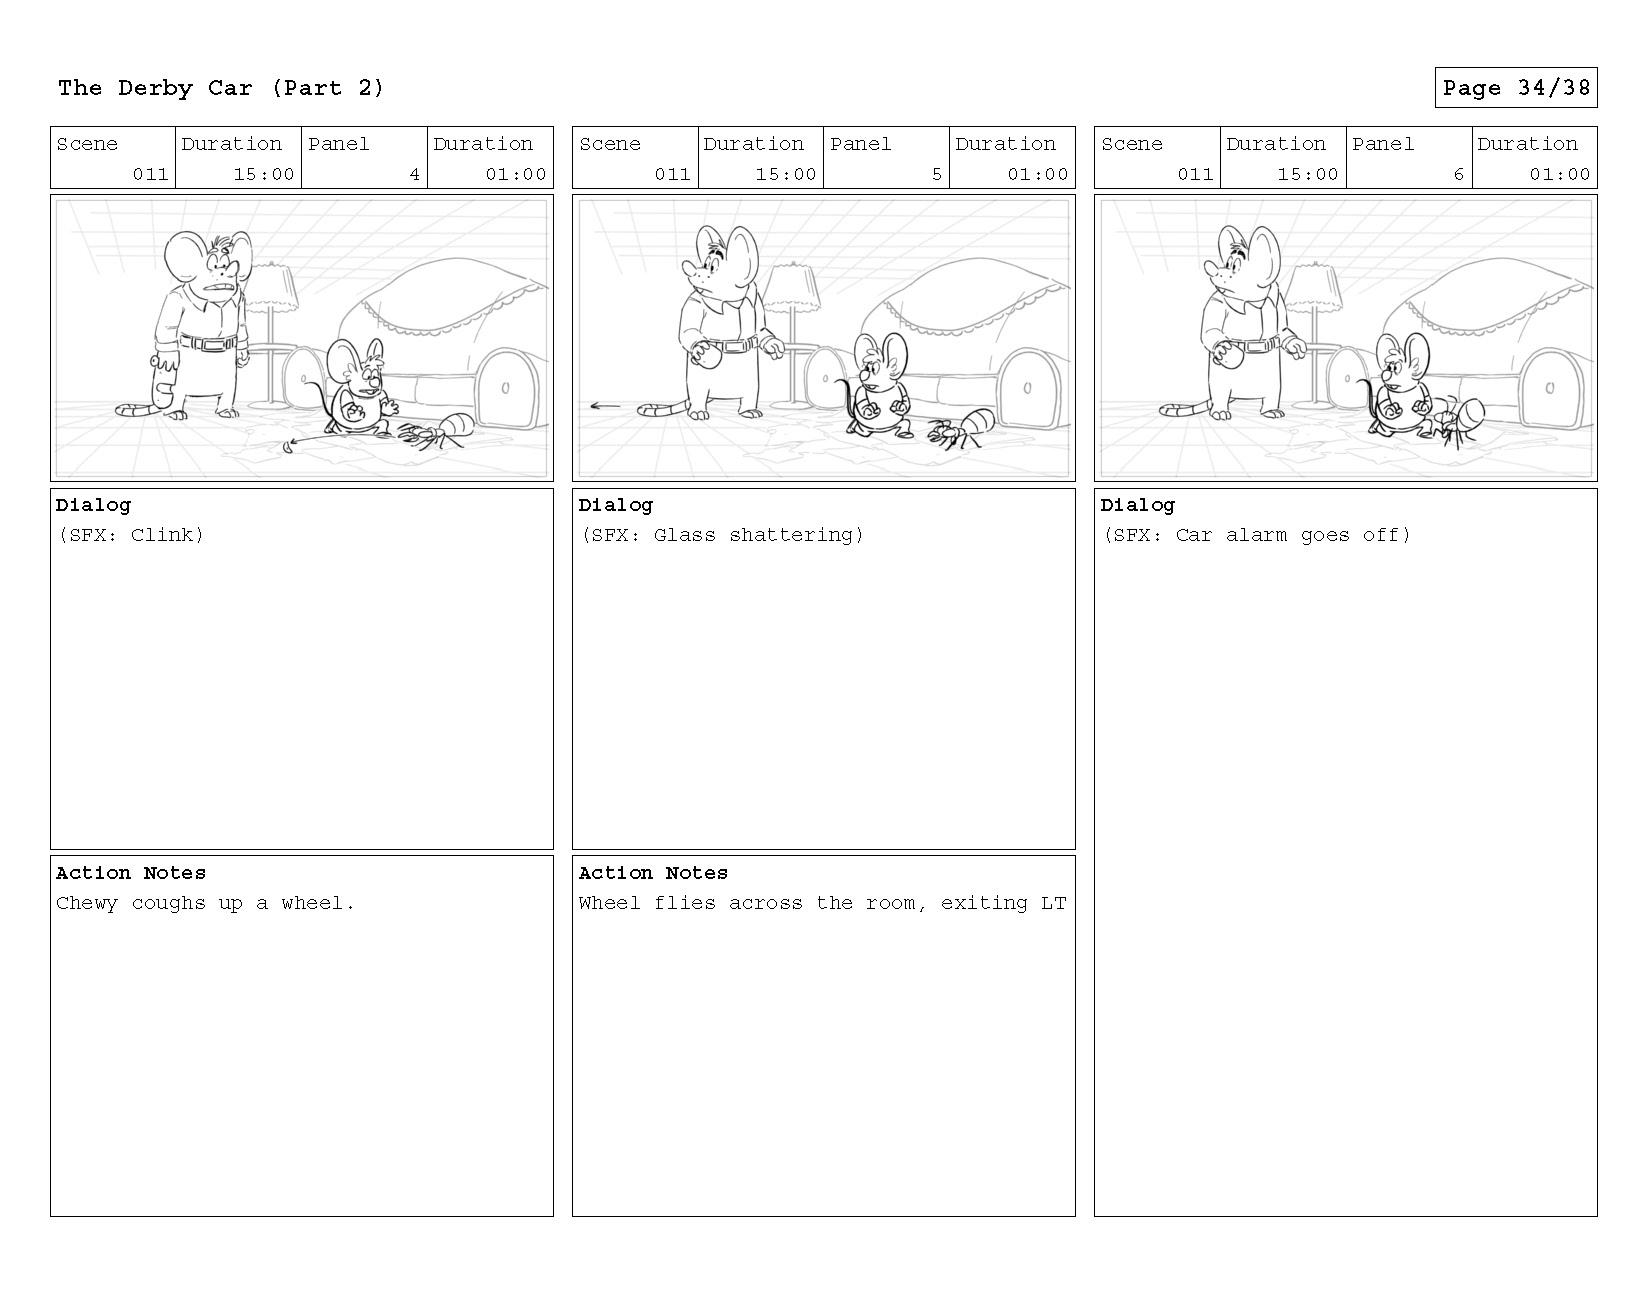 thelfer_derbycar2_Page_35.jpg